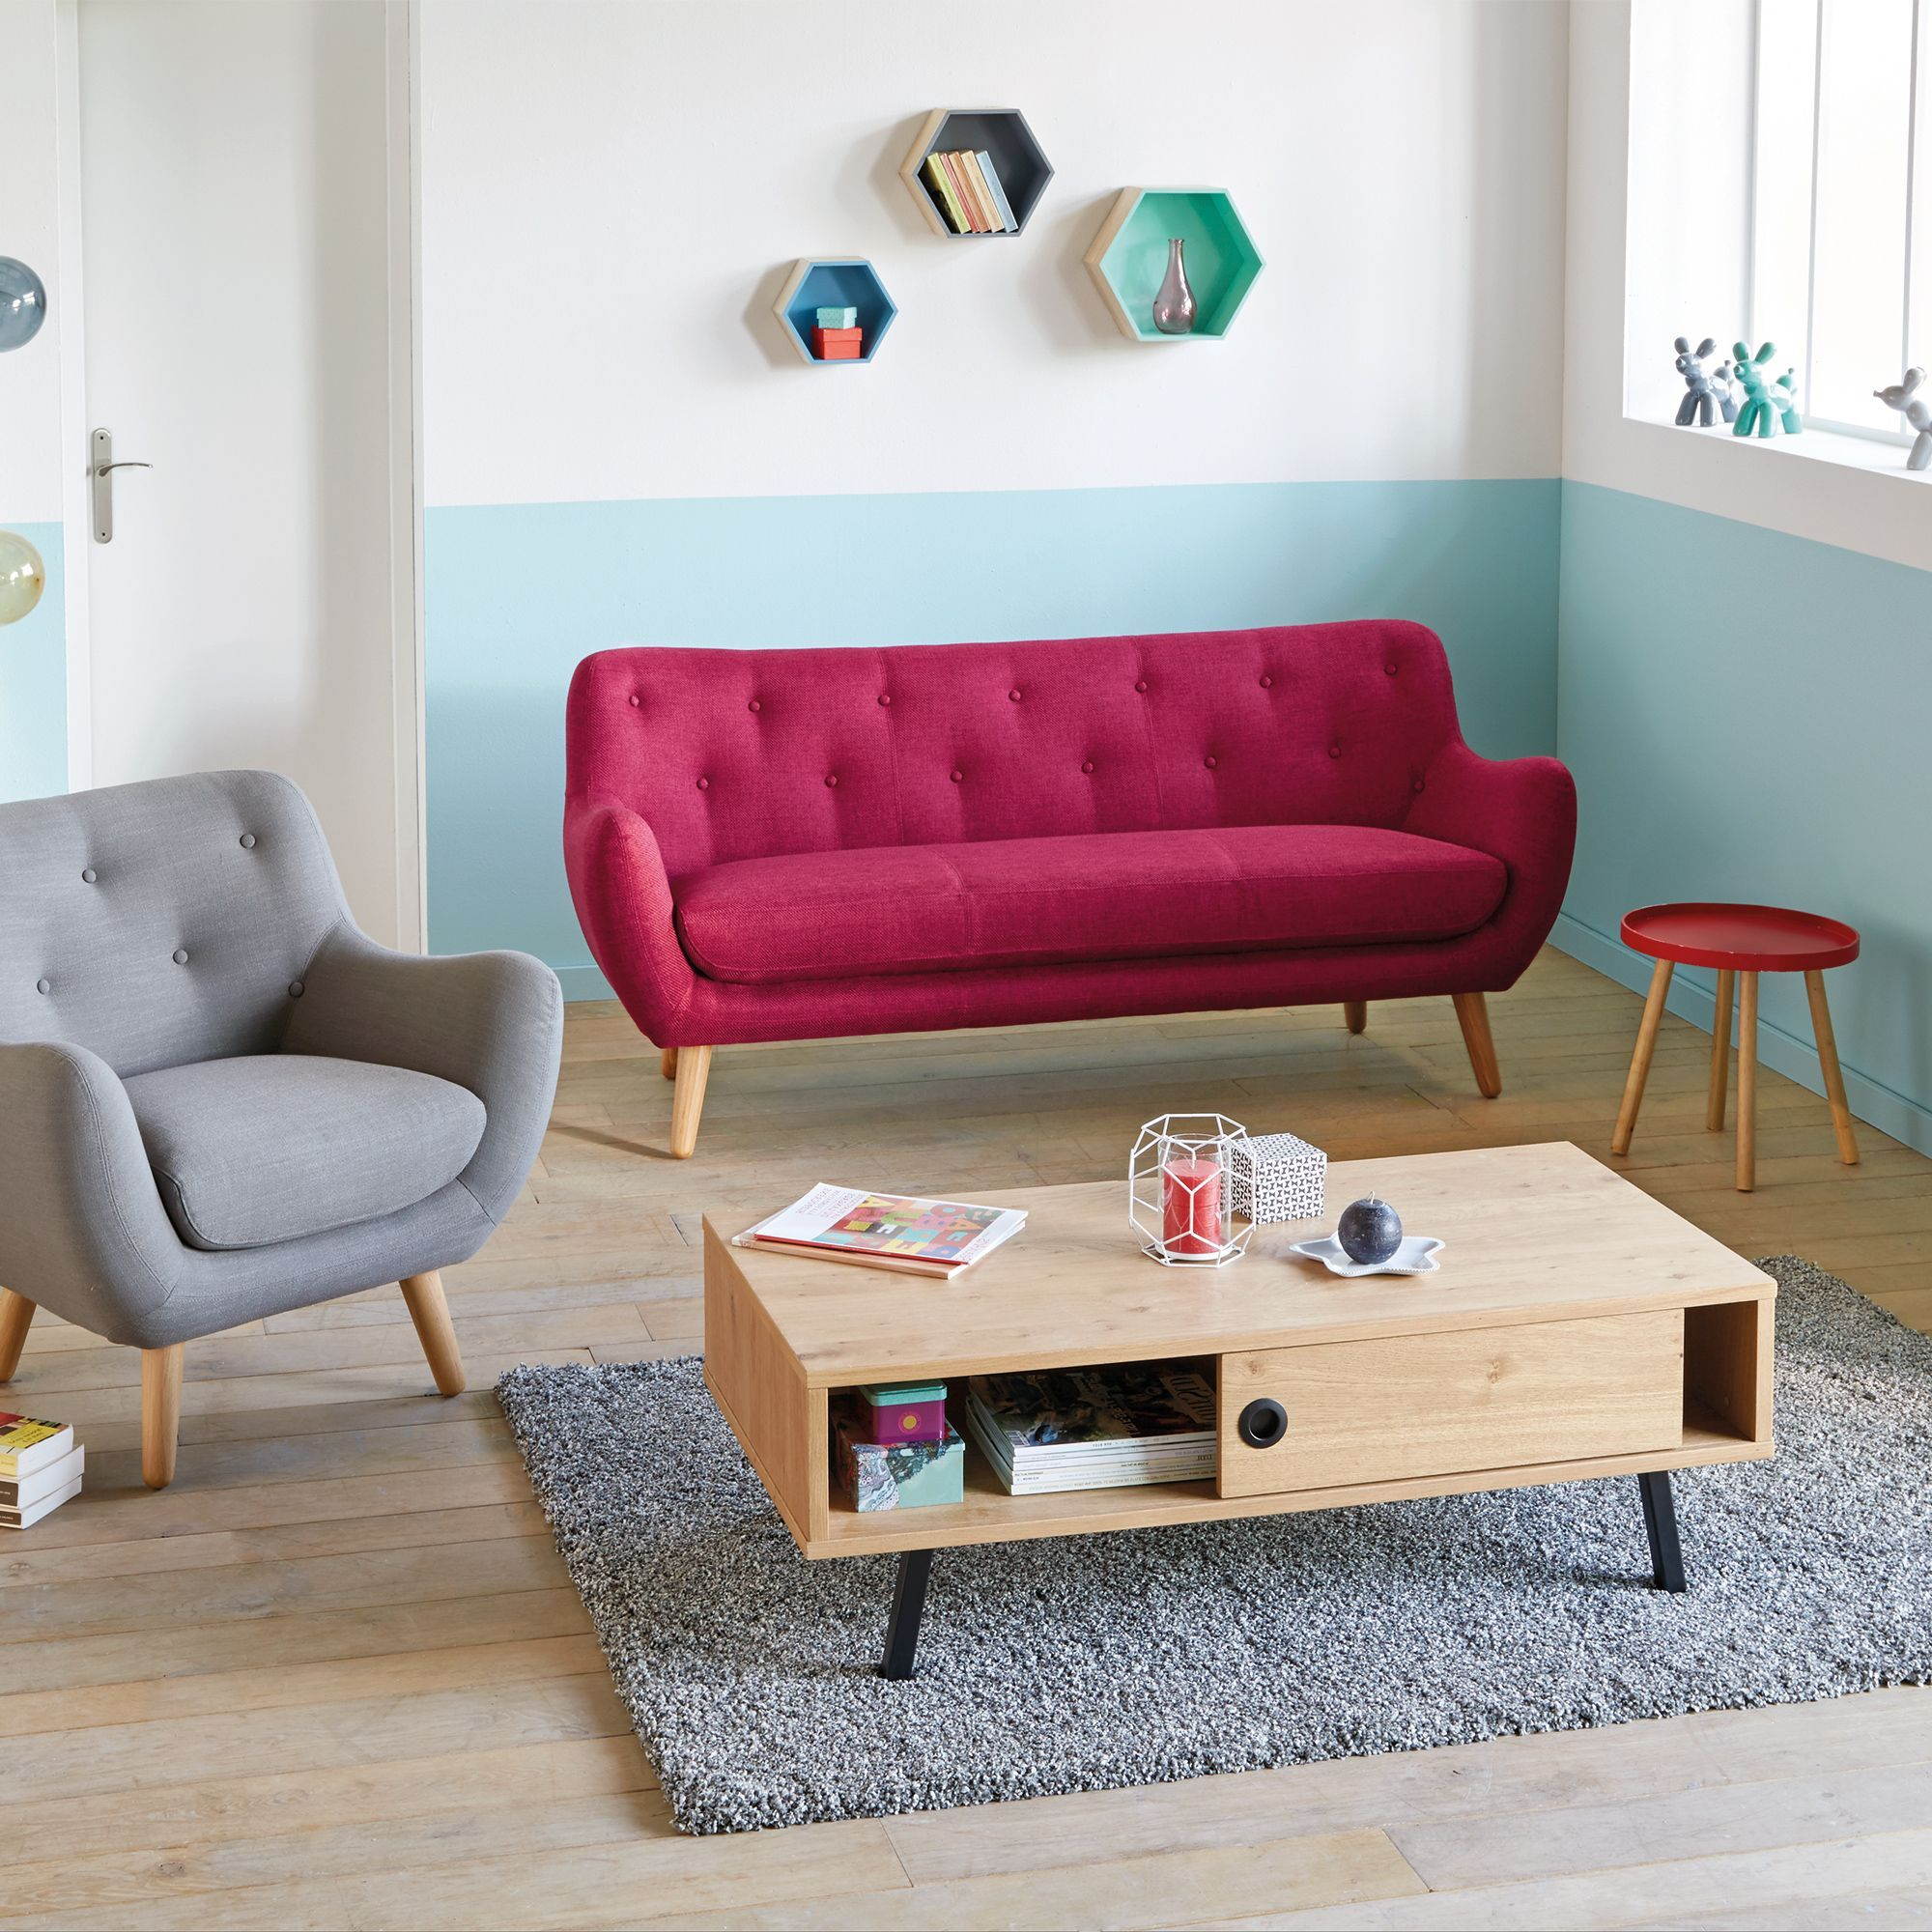 Poppy Meuble Canapé Places Fixe Framboise Esprit Scandinave - Canapé 3 places pour décoration chambre À coucher